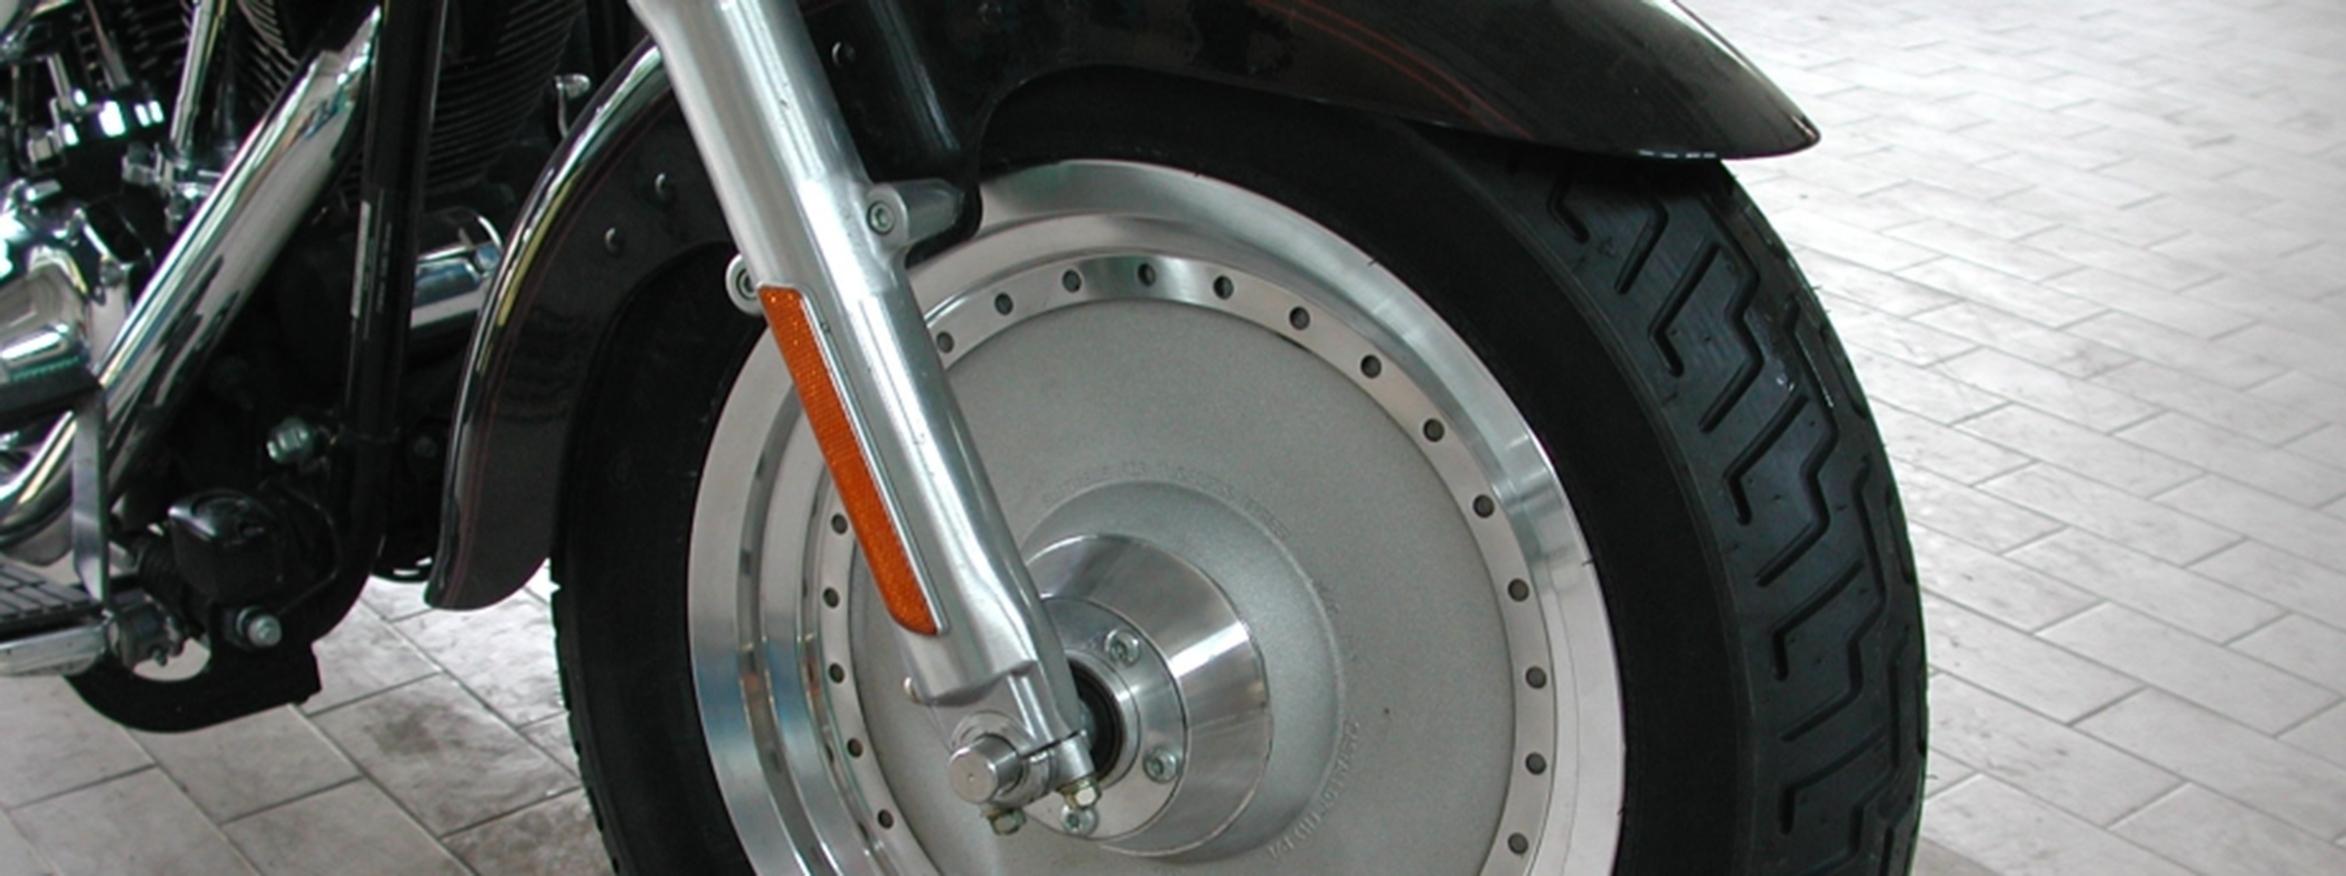 Auto - Blisse GmbH